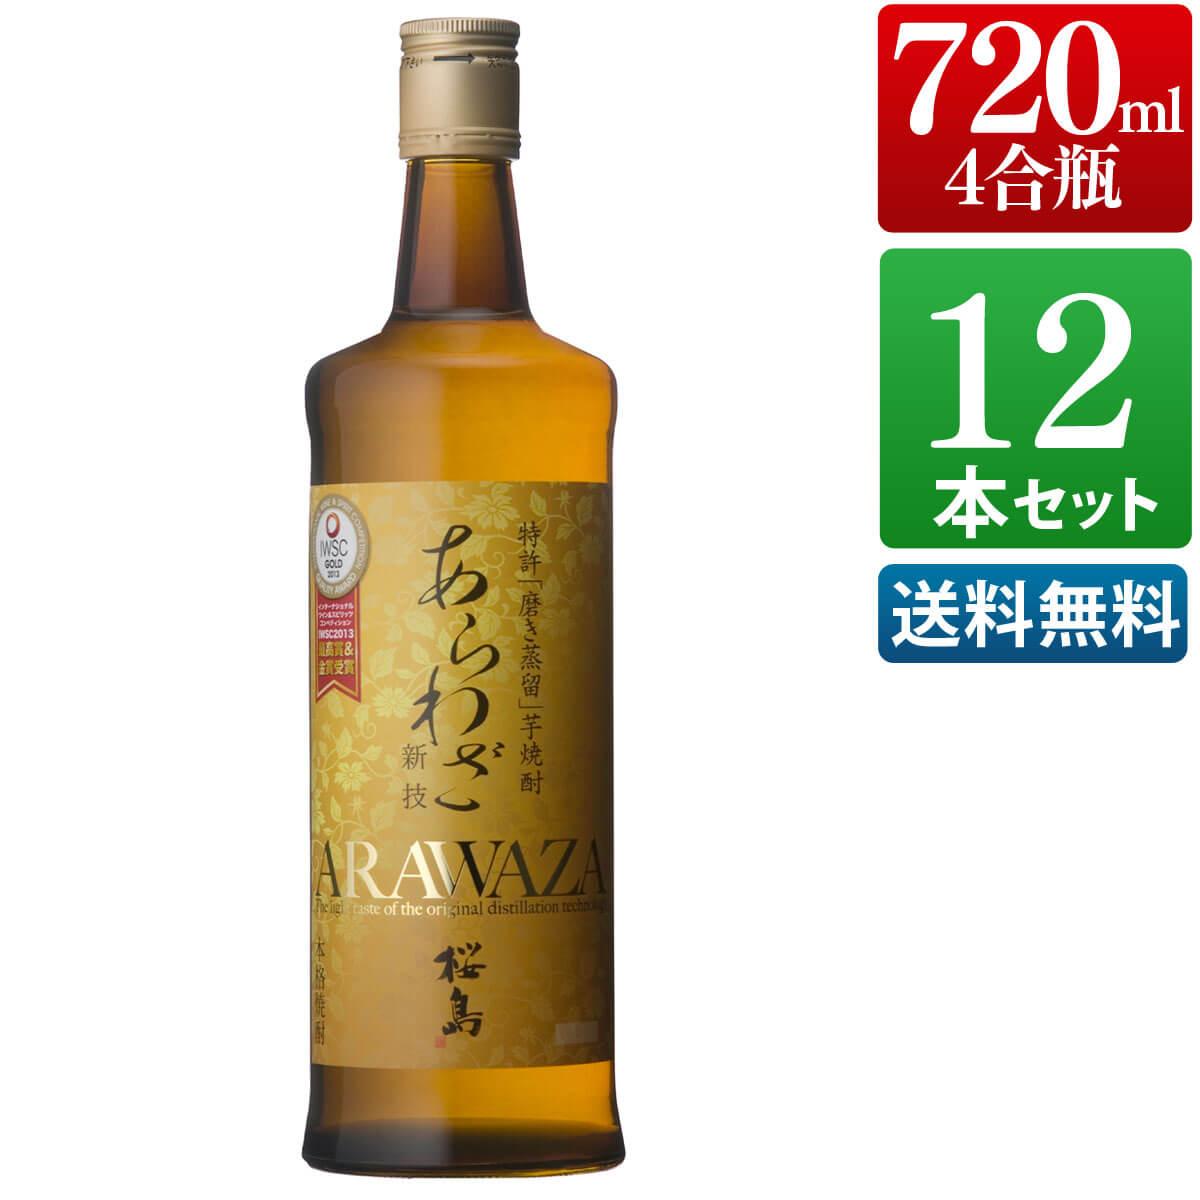 芋焼酎 12本セット あらわざ 桜島 25度 720ml [ 本坊酒造 芋焼酎 / 送料無料 ] 【本坊酒造 公式通販】